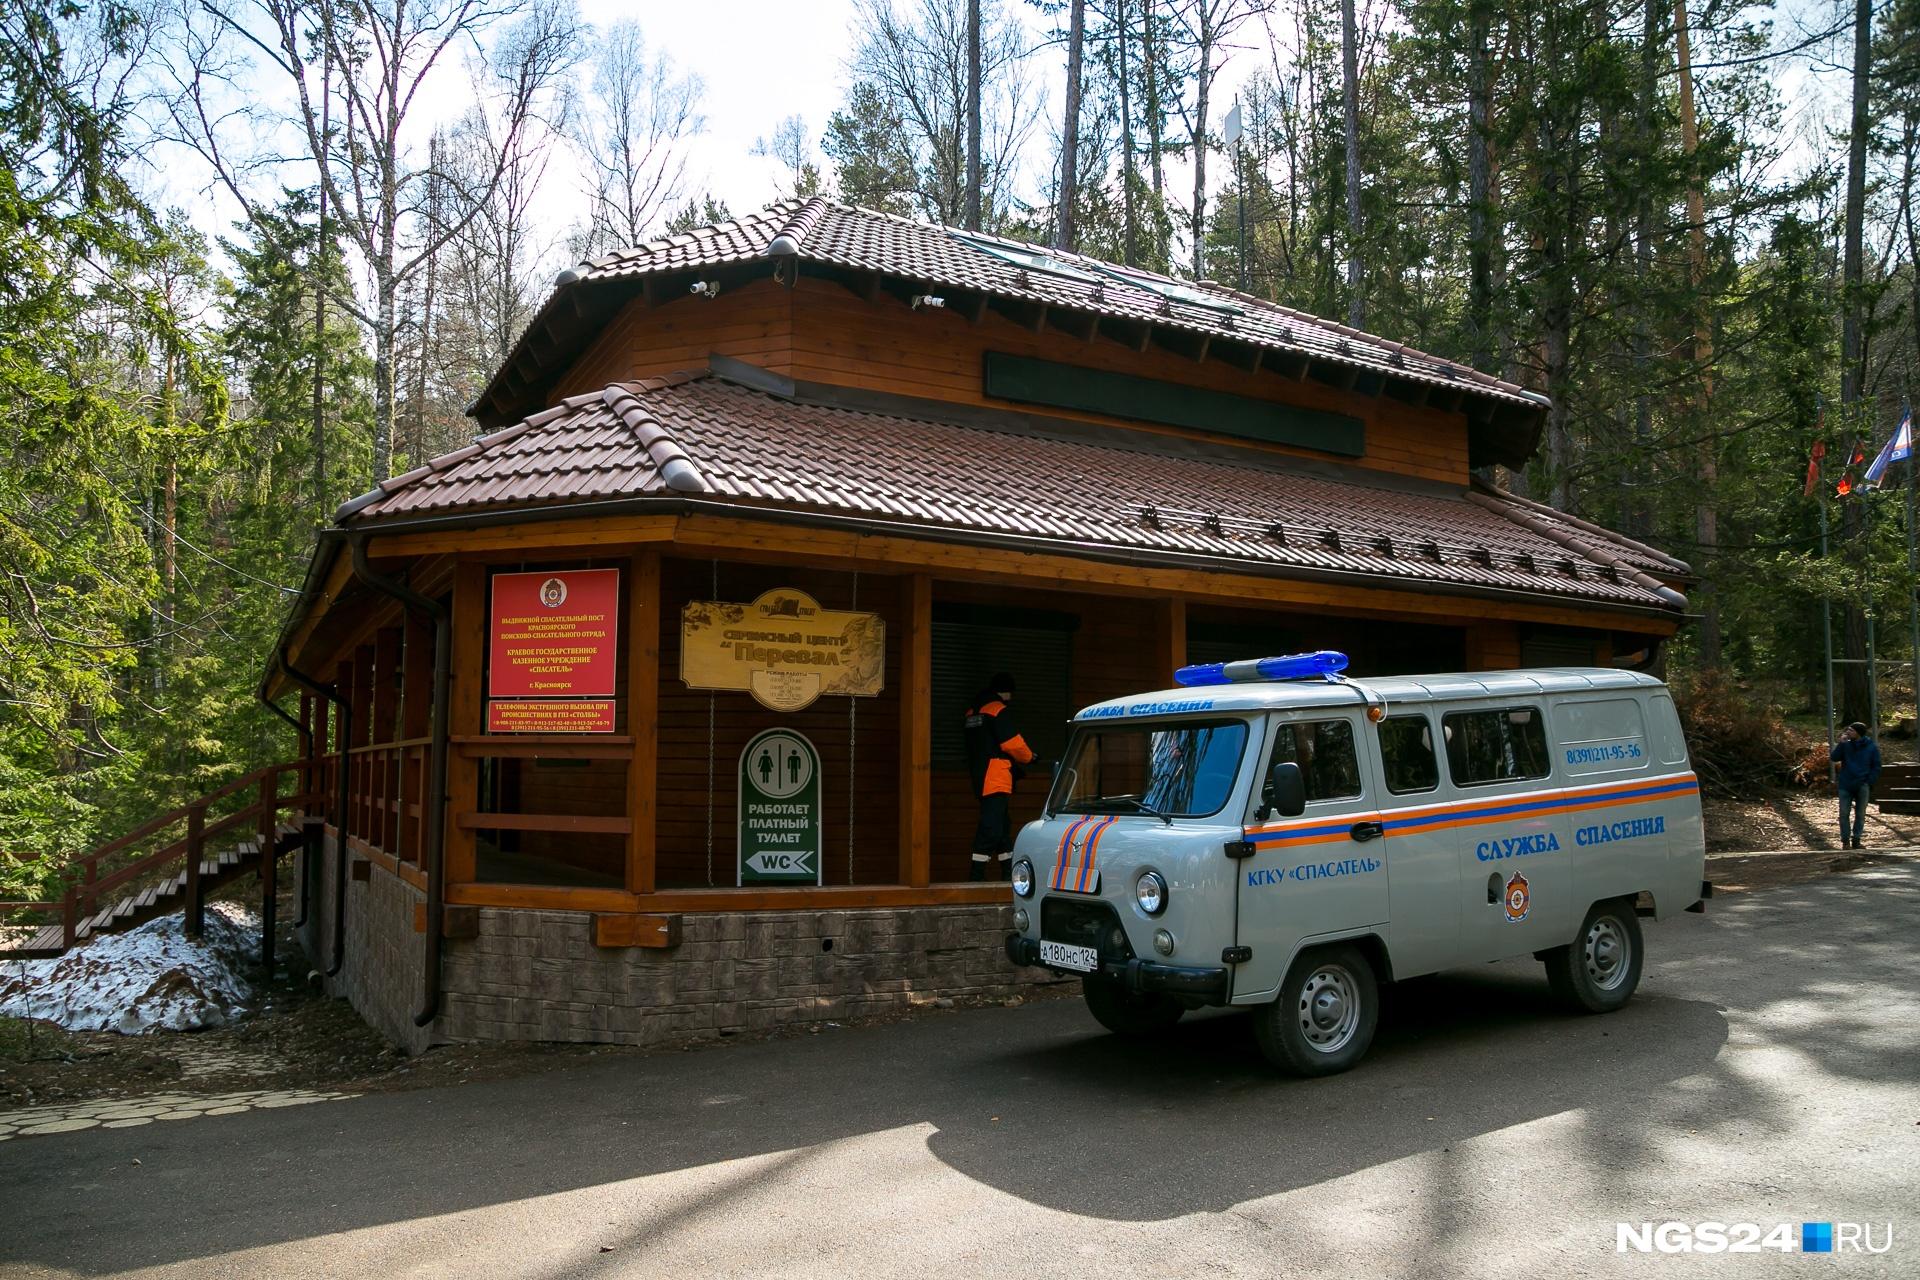 Пункт спасателей на «Столбах» — деревянное здание — открыли летом 2017 годапосле череды случаев с потерявшимися туристами